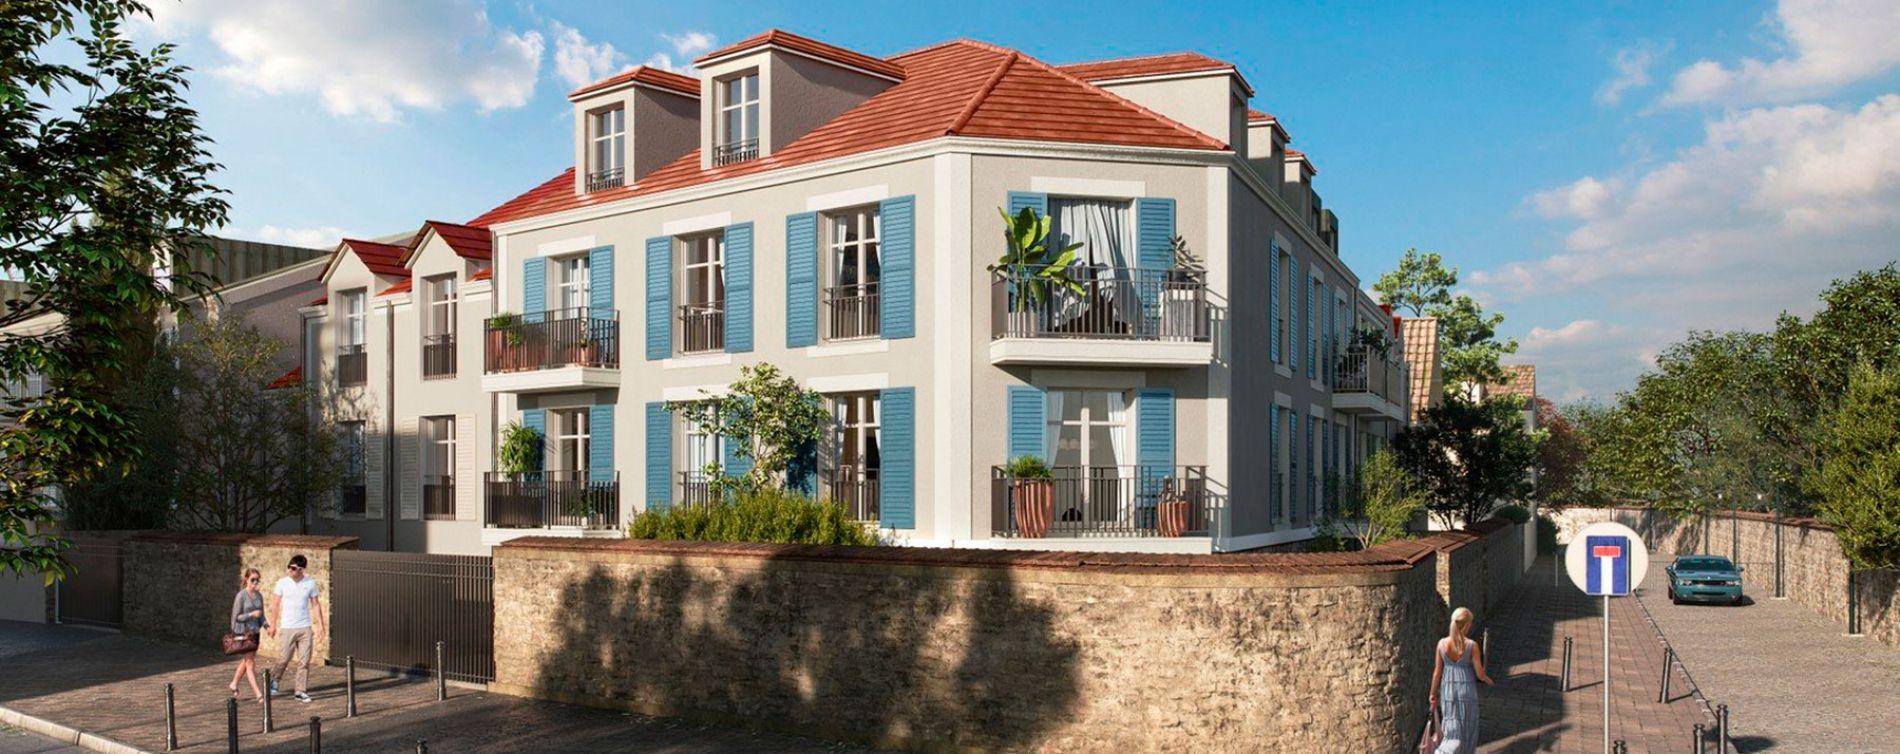 Résidence Le Clos Saint Martin à Chevilly-Larue